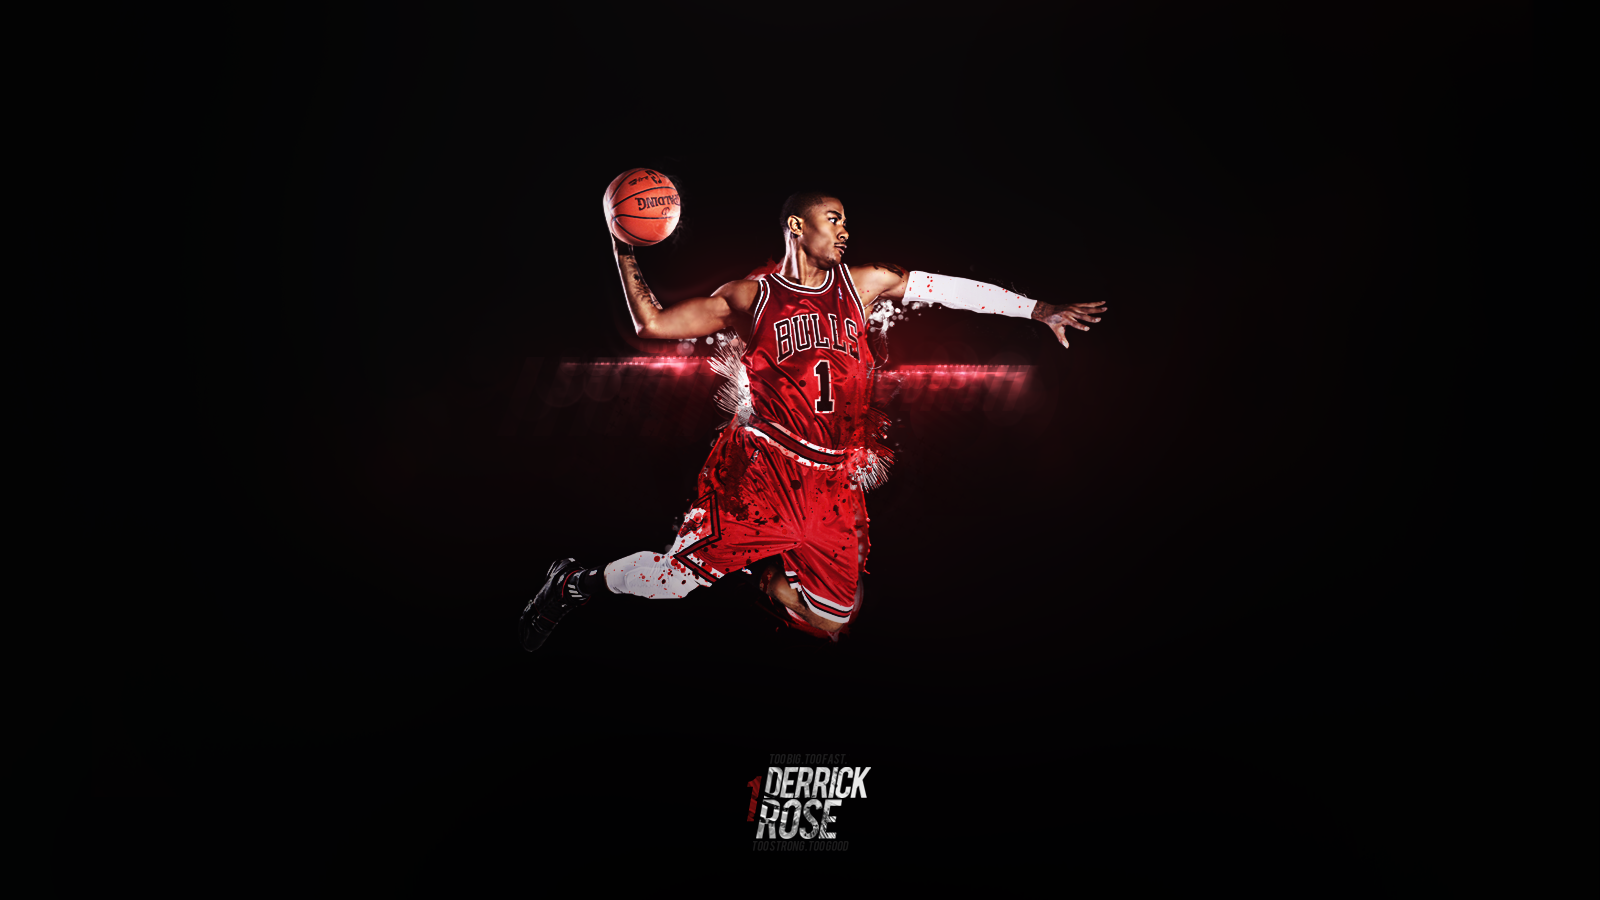 Derrick Rose Dunk Wallpaper Basketball Wallpaperspng 1600x900